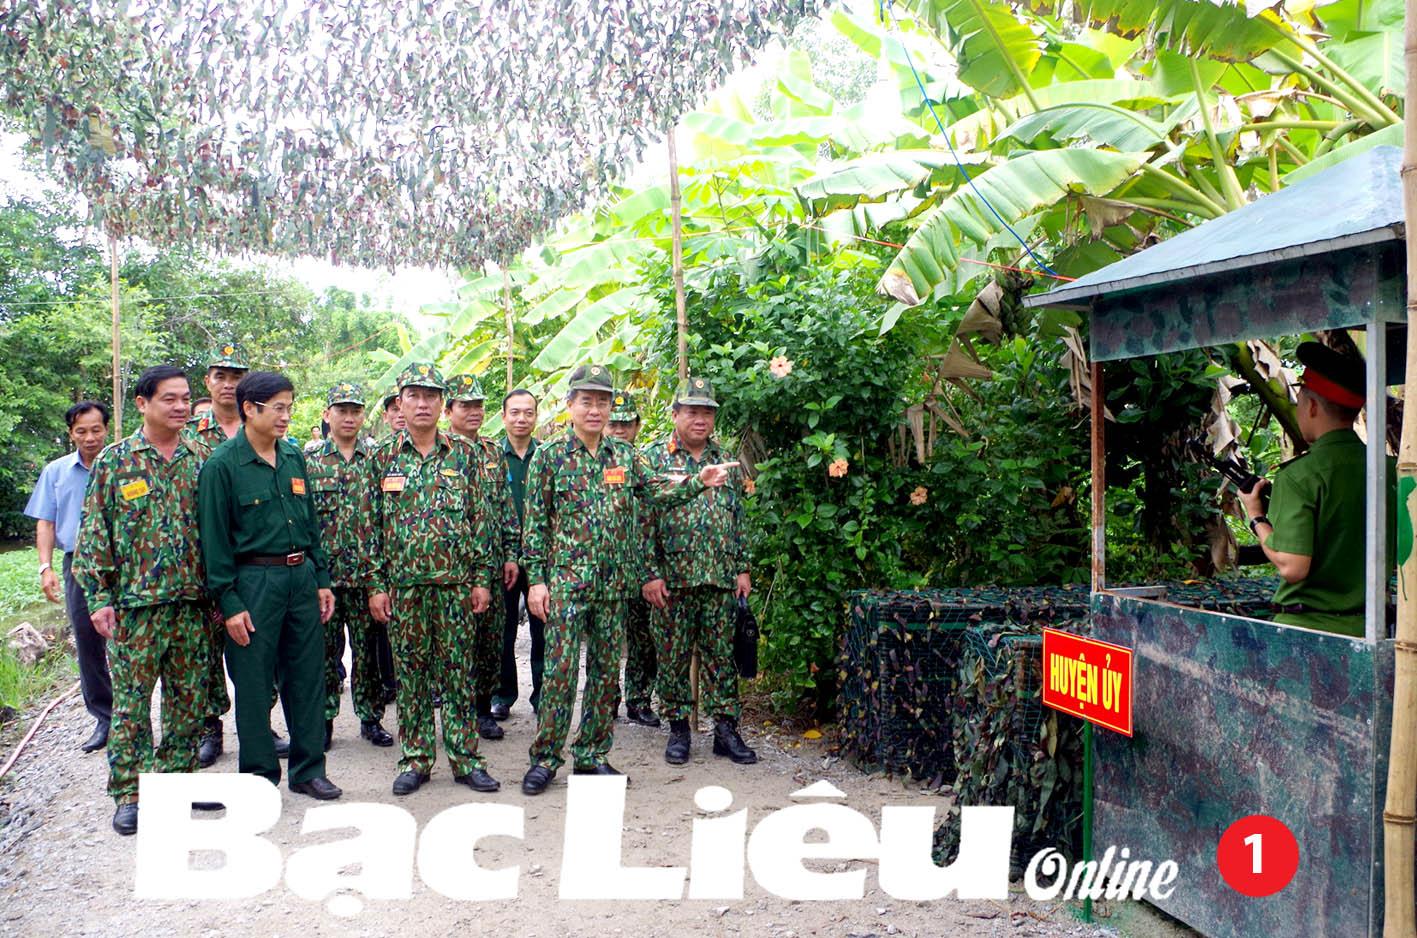 Huyện Hồng Dân: Diễn tập khu vực phòng thủ 1 bên 2 cấp thành công tốt đẹp